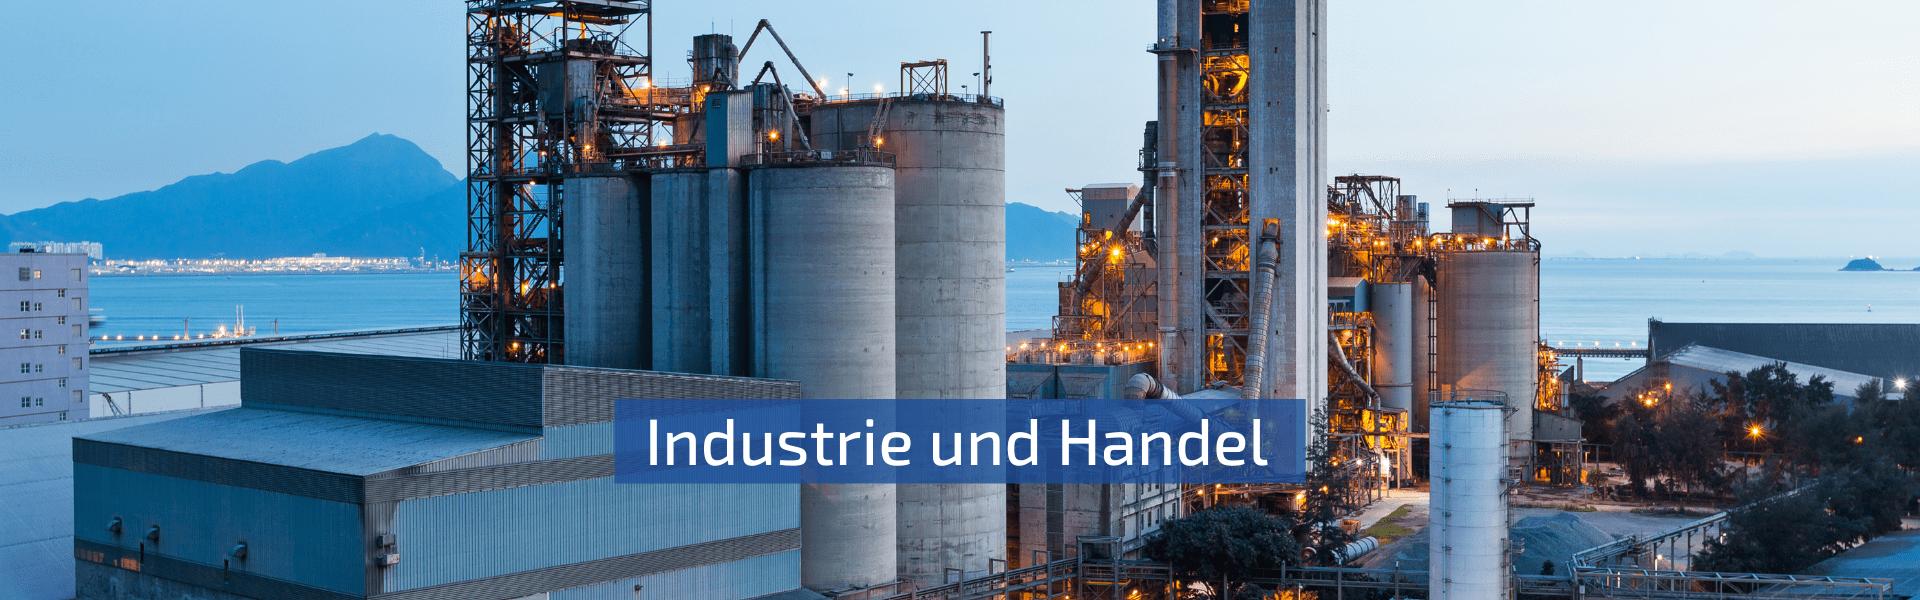 Industrie und Handel